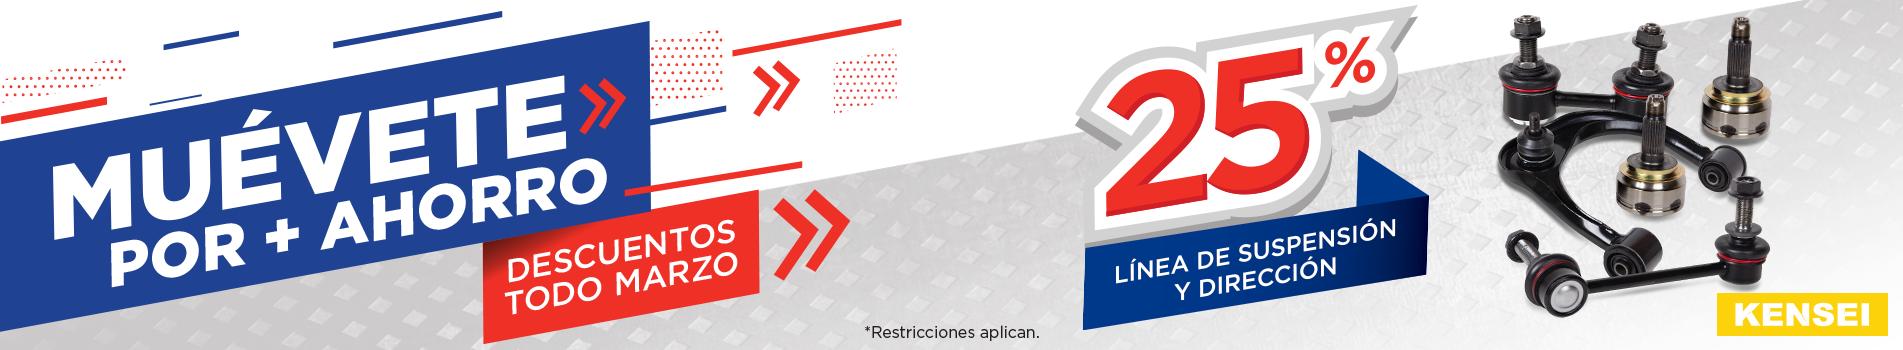 Linea-de-suspension-Muevete-por-ahorro-SLIDER